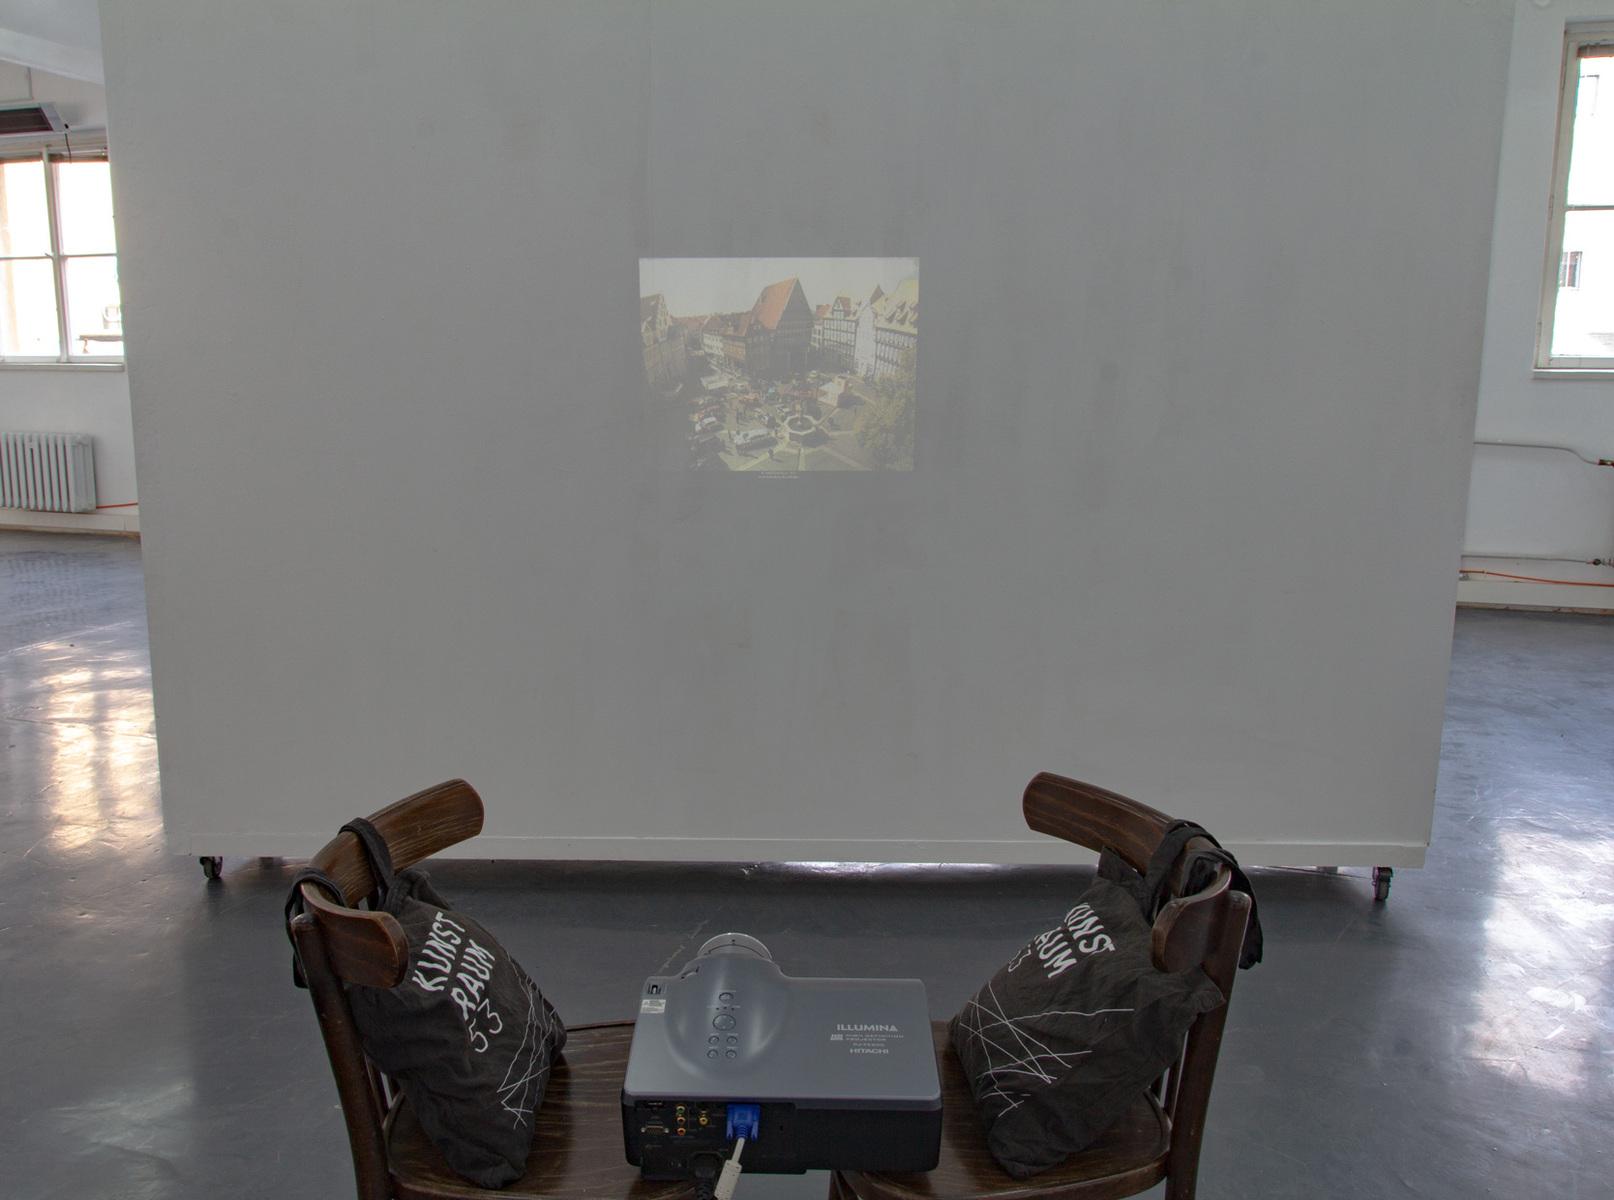 Philipp Valenta - Hildesheim, Franziska Harnisch und Philipp Valenta, Videoinstallation und Performance, 2019